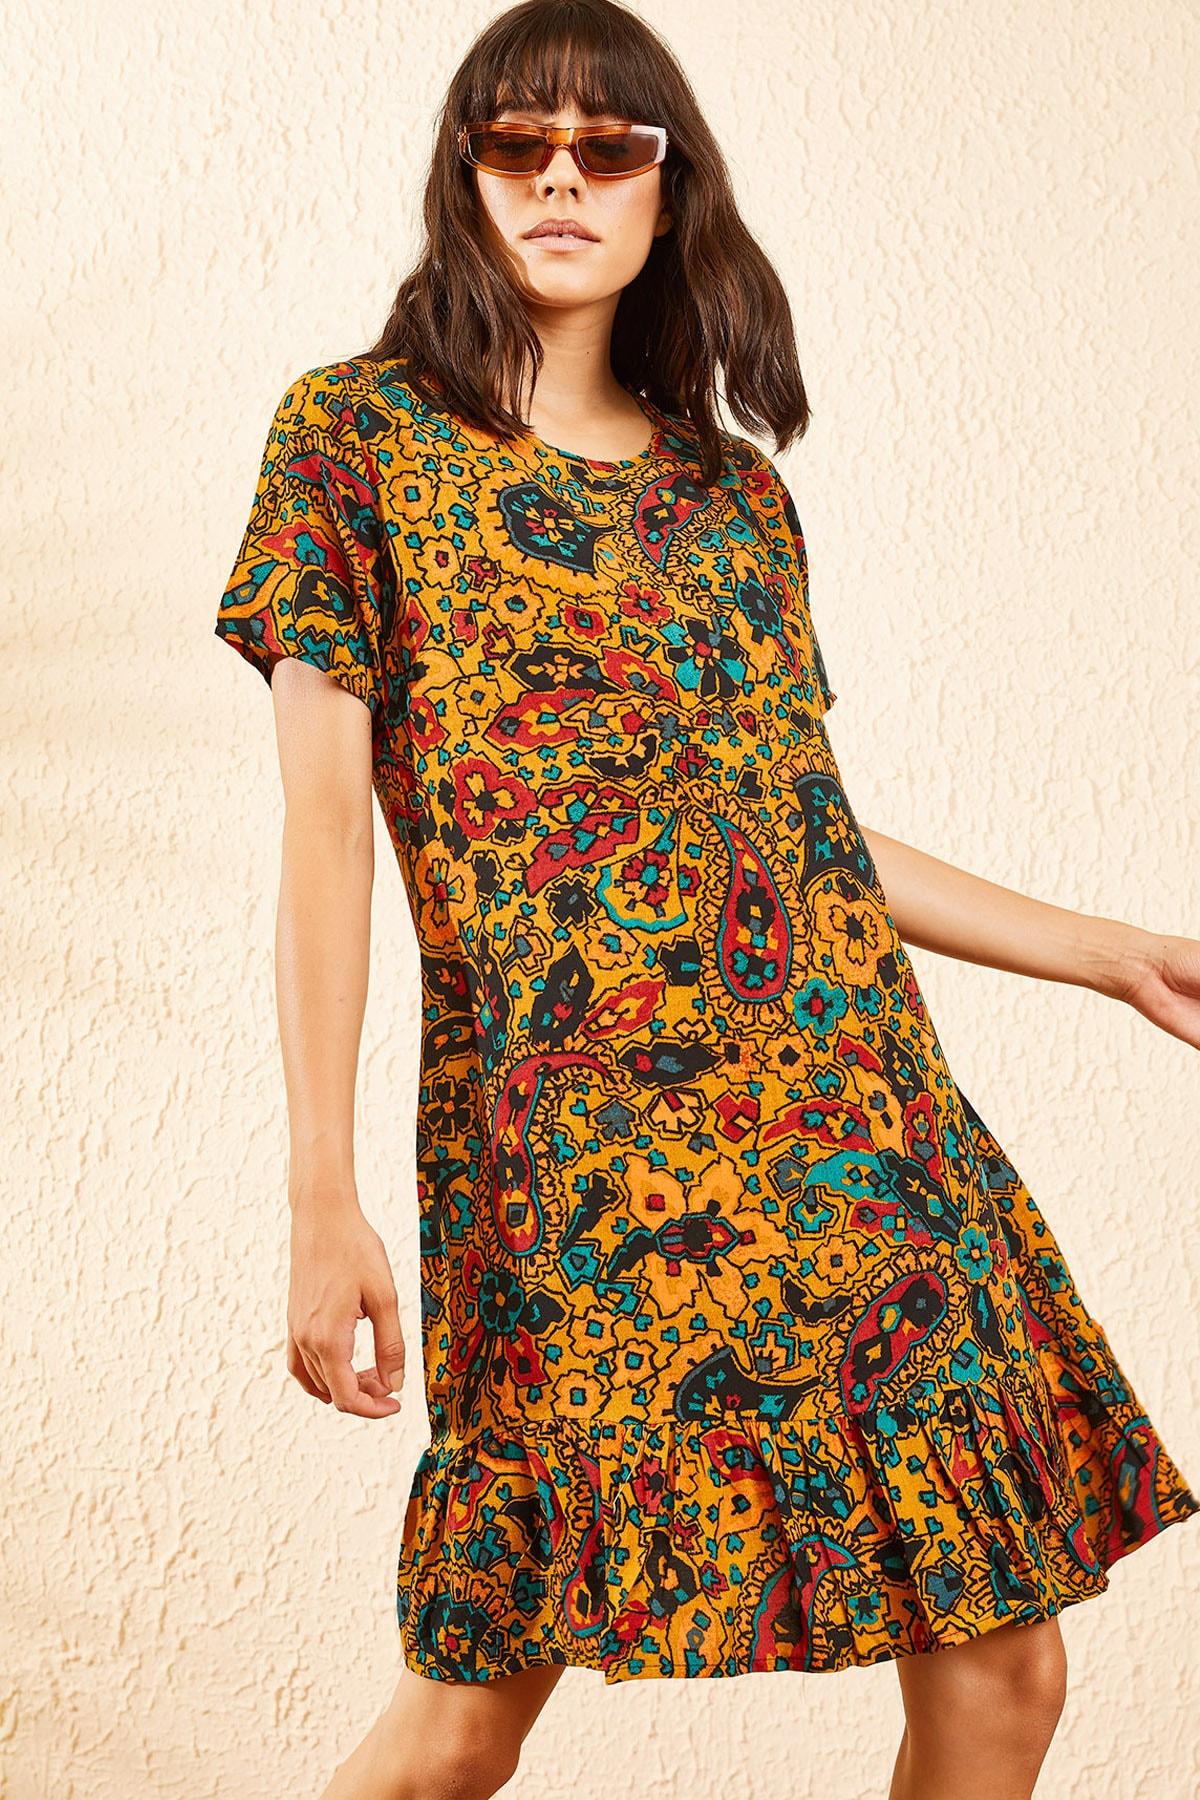 Bianco Lucci Kadın Hardal Kadın Etnik Desen Kısa Kollu Eteği Fırfırlı Elbise 10101017 1